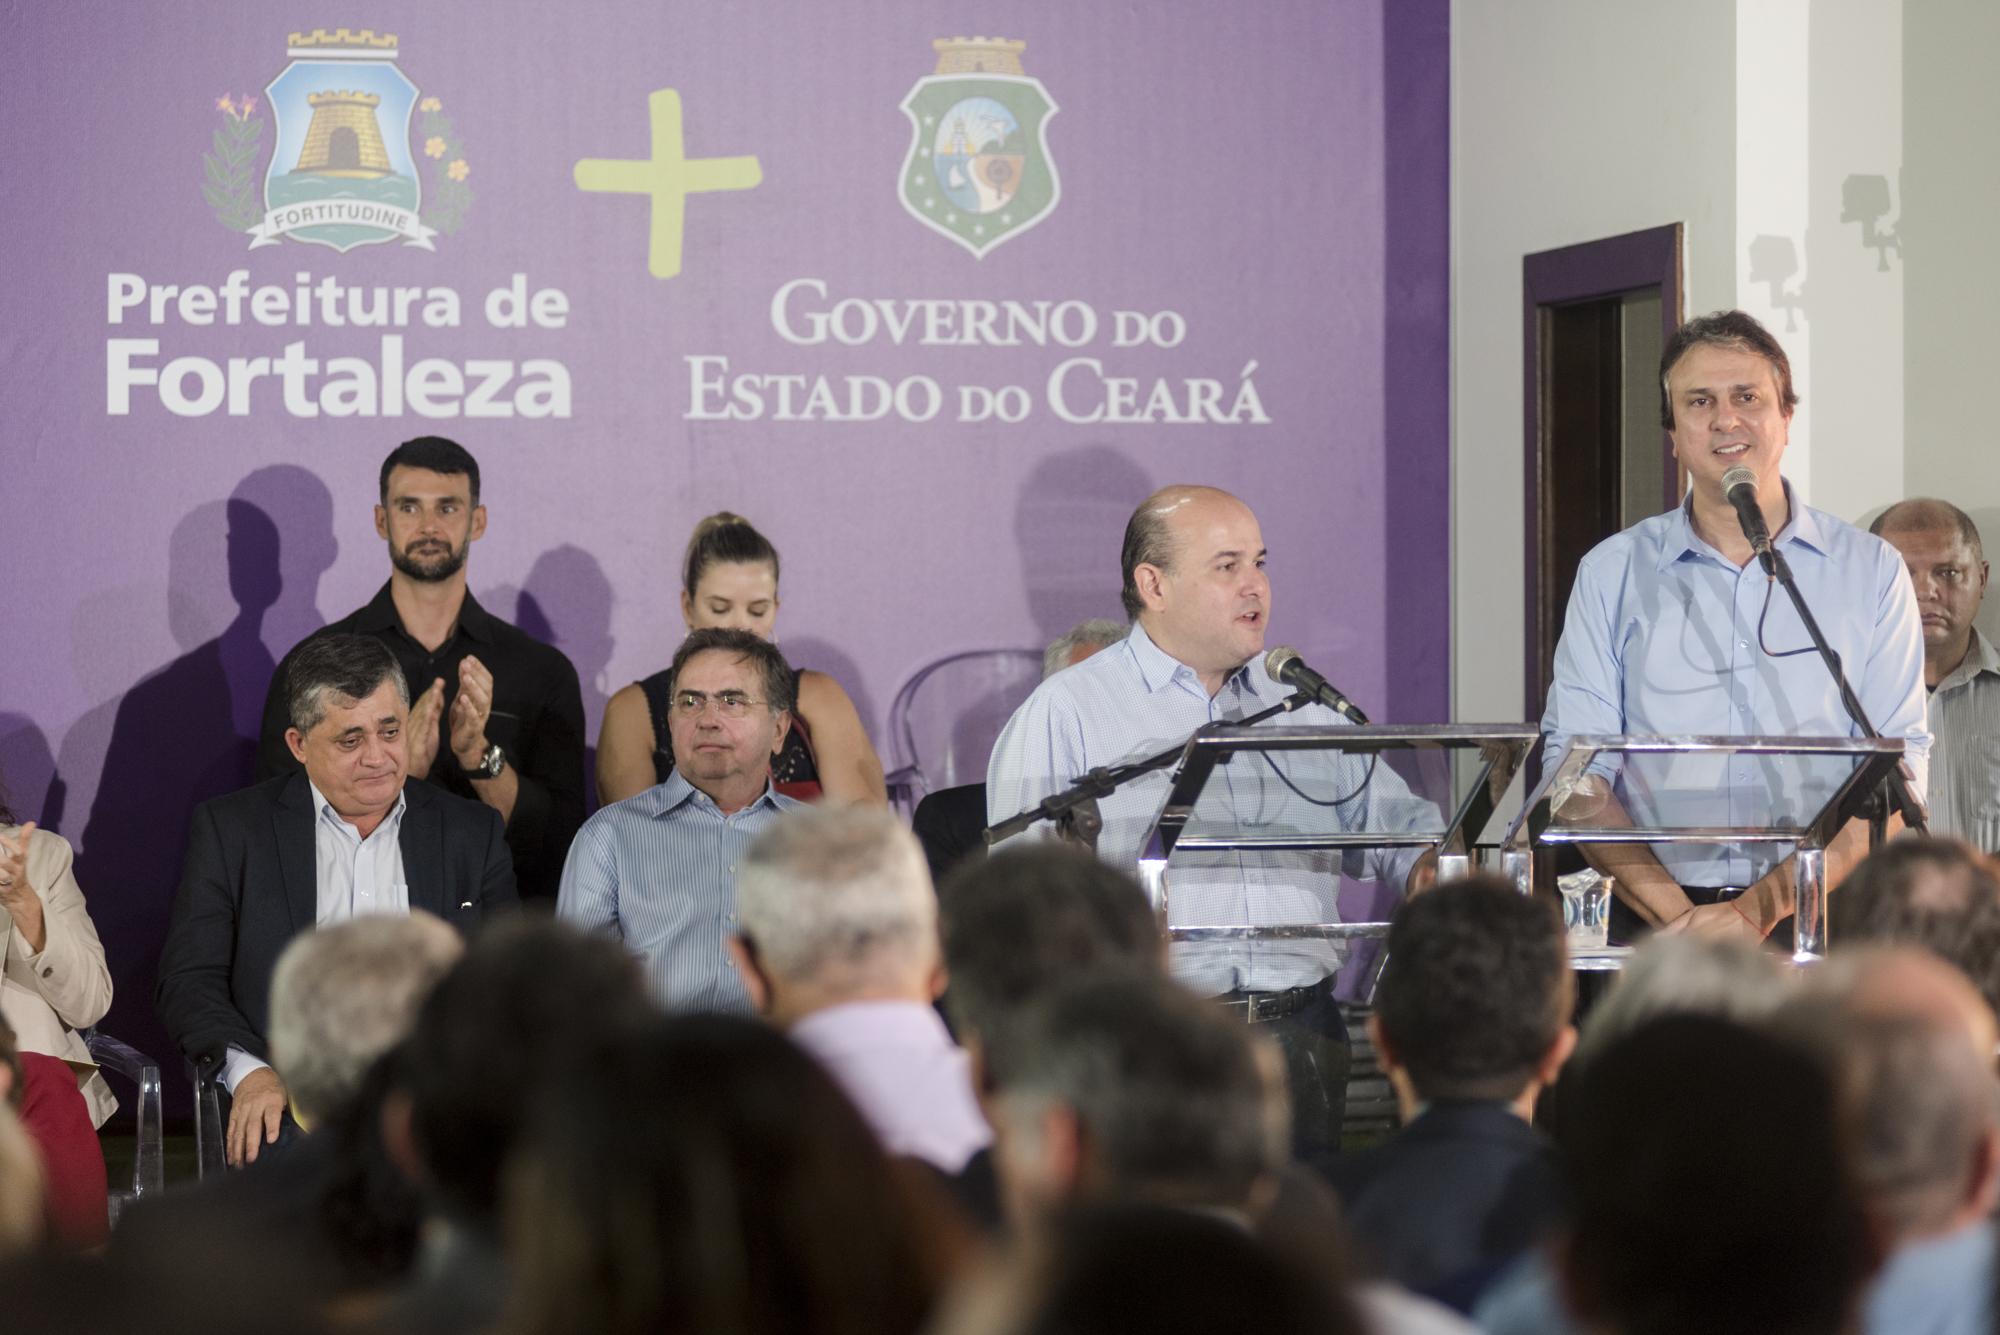 Em apresentação conjunta da parceria, o governador Camilo Santana e o prefeito Roberto Cláudio anunciaram investimentos da ordem de R$ 1,851 bilhão para o primeiro eixo de atuação do plano